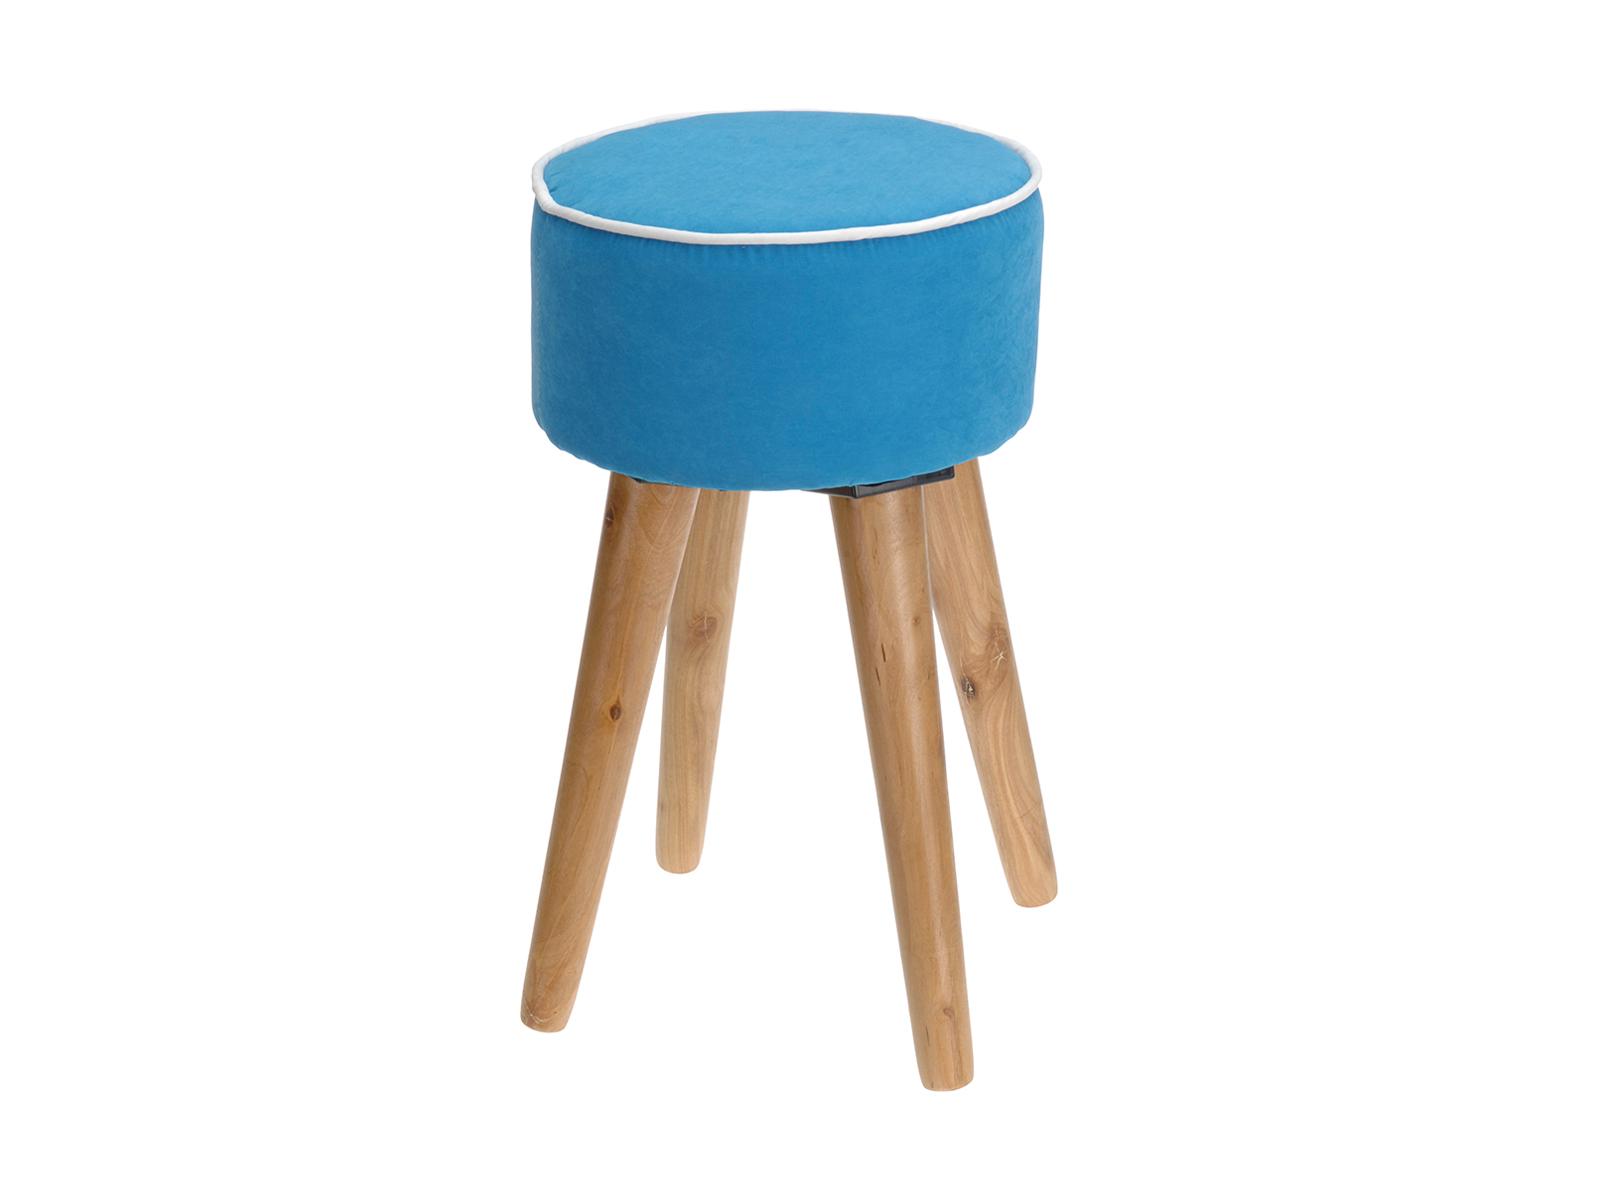 Табурет SummerТабуреты<br>Табурет с сиденьем из текстильных материалов<br><br>Material: Текстиль<br>Высота см: 44